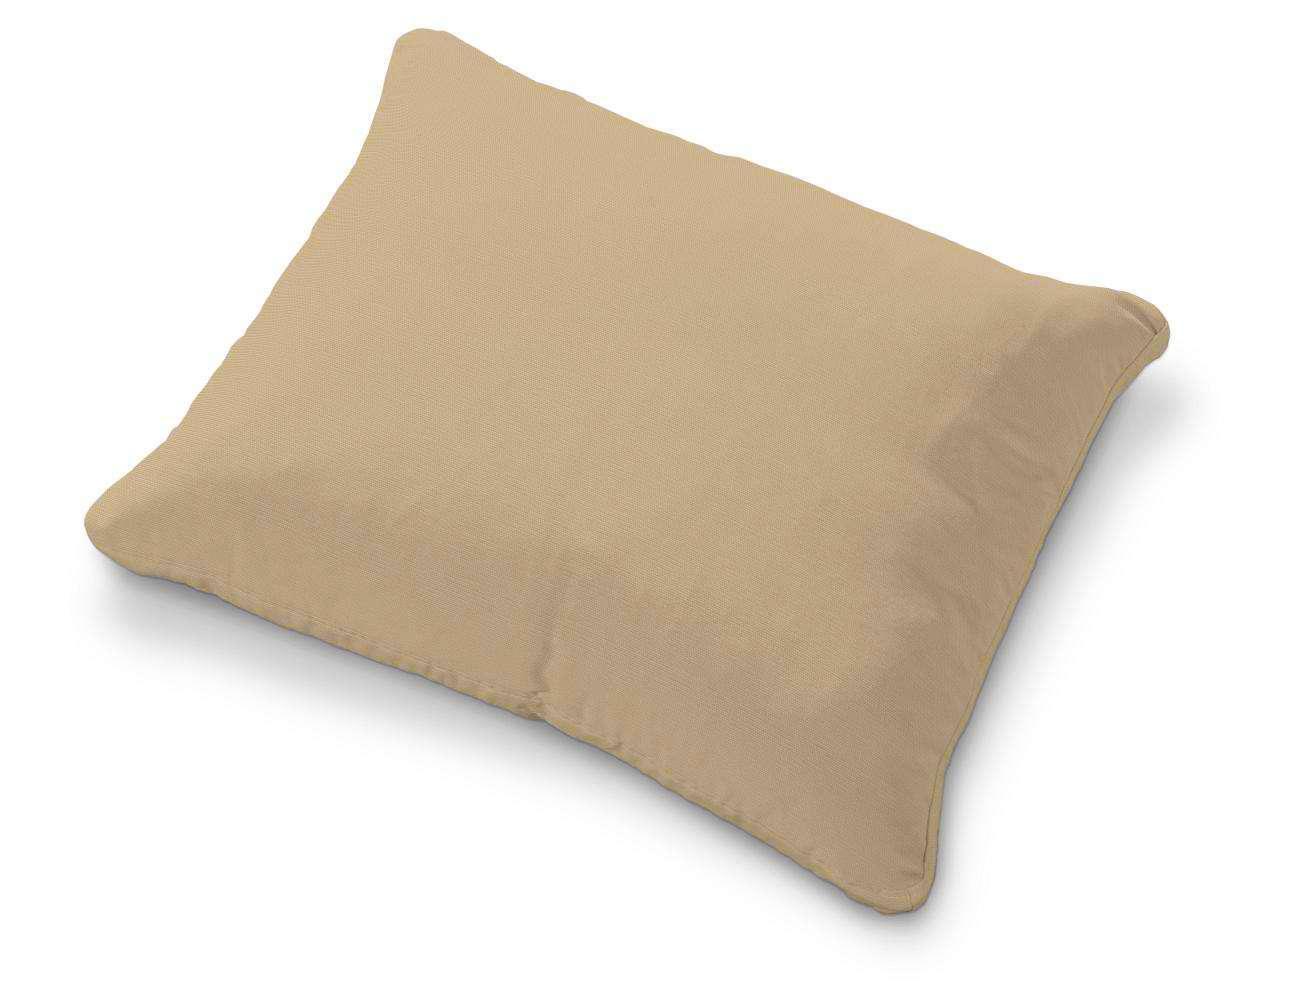 Poszewka na poduszkę Karlstad 58x48cm poduszka Karlstad 58x48cm w kolekcji Cotton Panama, tkanina: 702-01